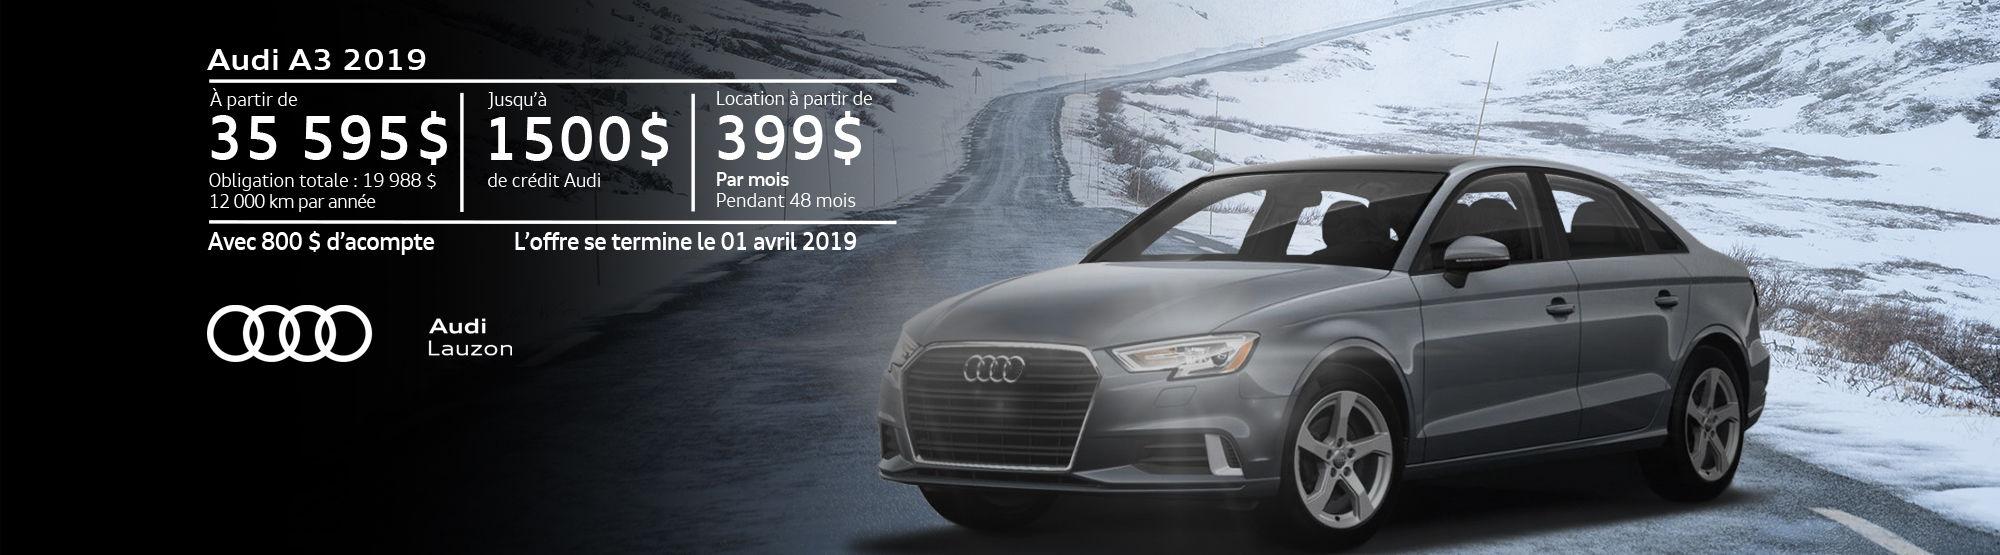 Audi A3 mars 2019